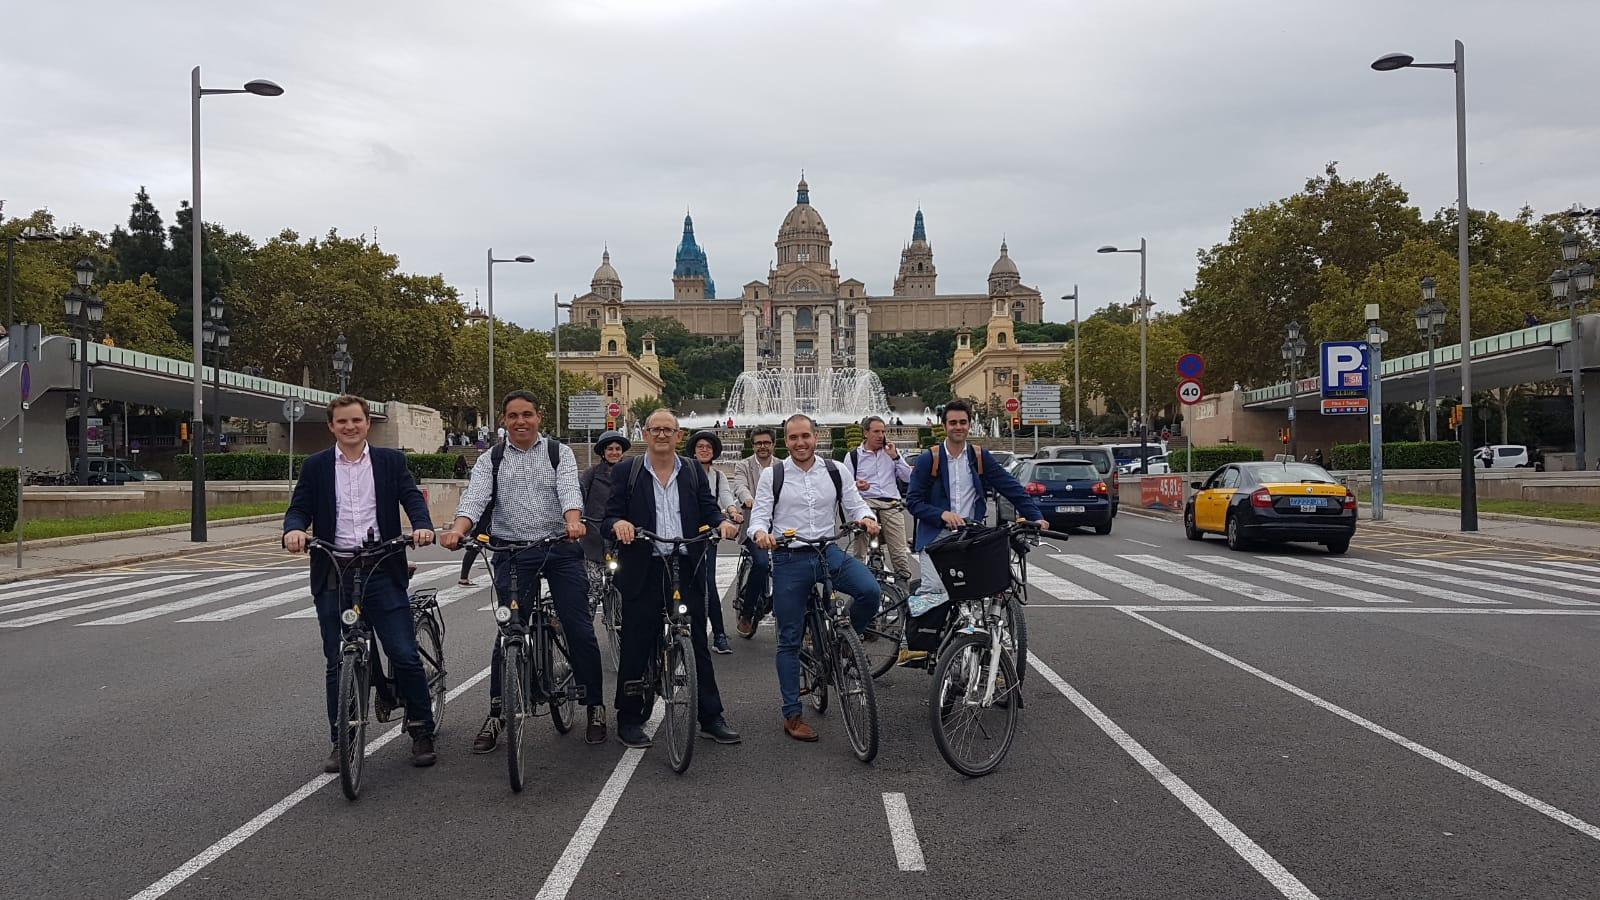 Foto: Bikefriendly. Equip de preparació de la candidatura del Congrés